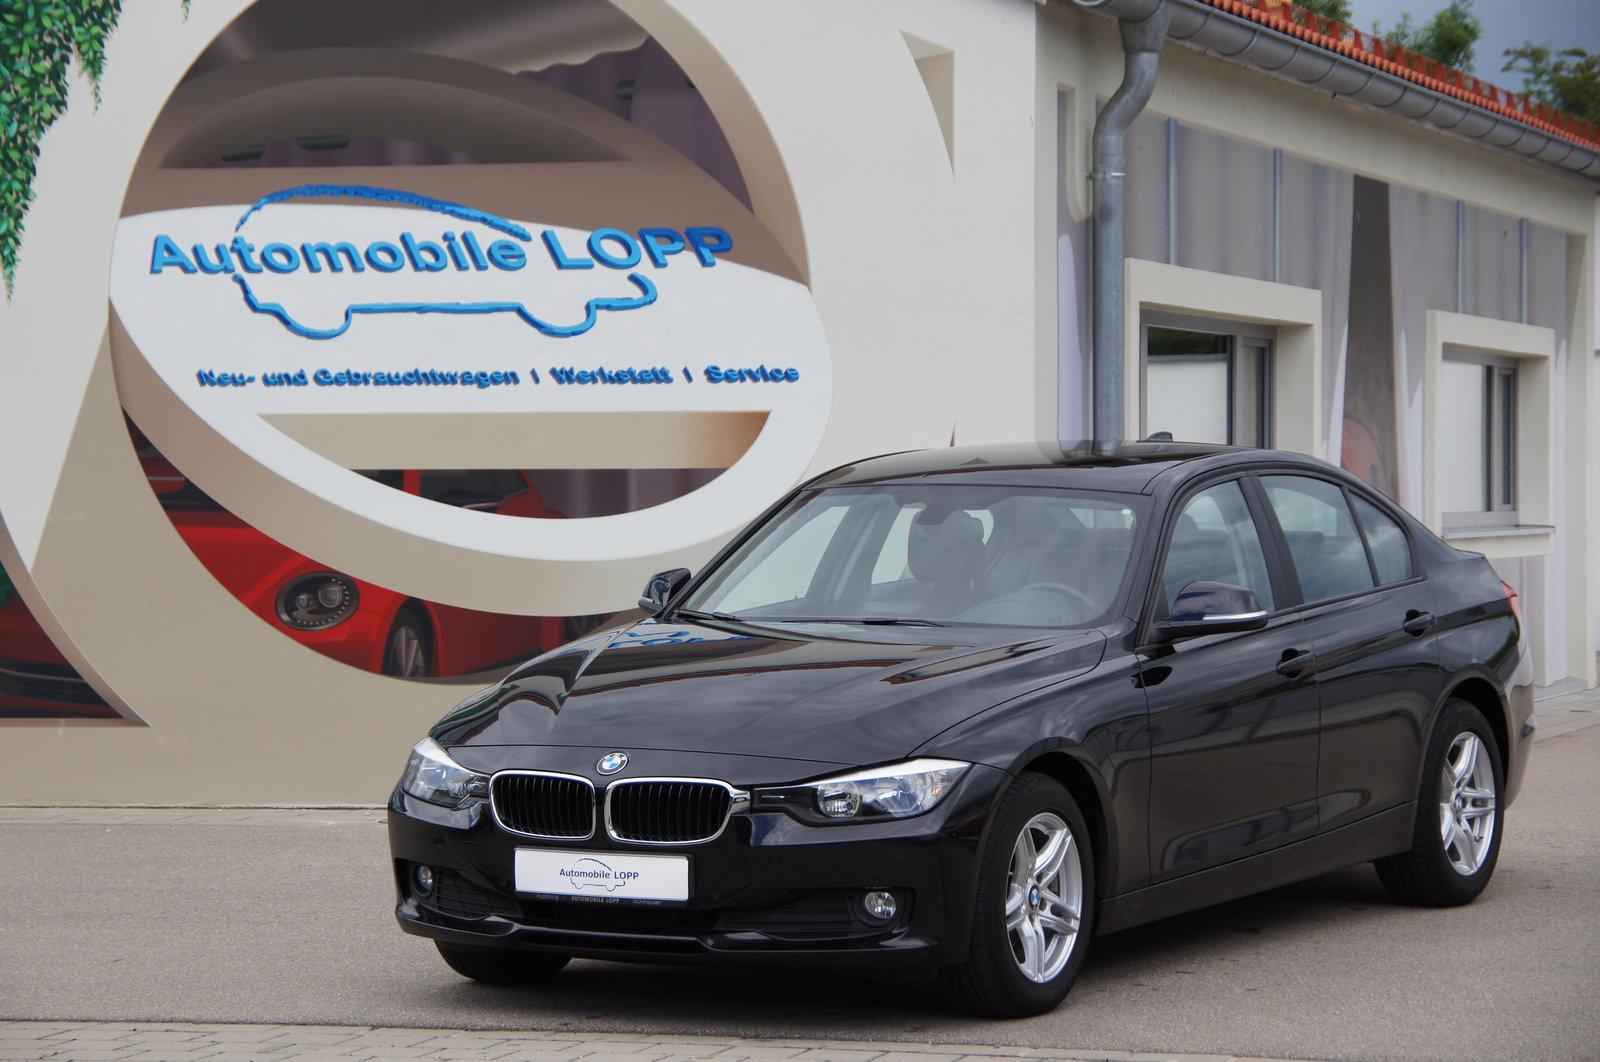 BMW 316i NAVI LEDER PDC SITZHEIZUNG ALUFELGEN 1.HAND, Jahr 2014, Benzin